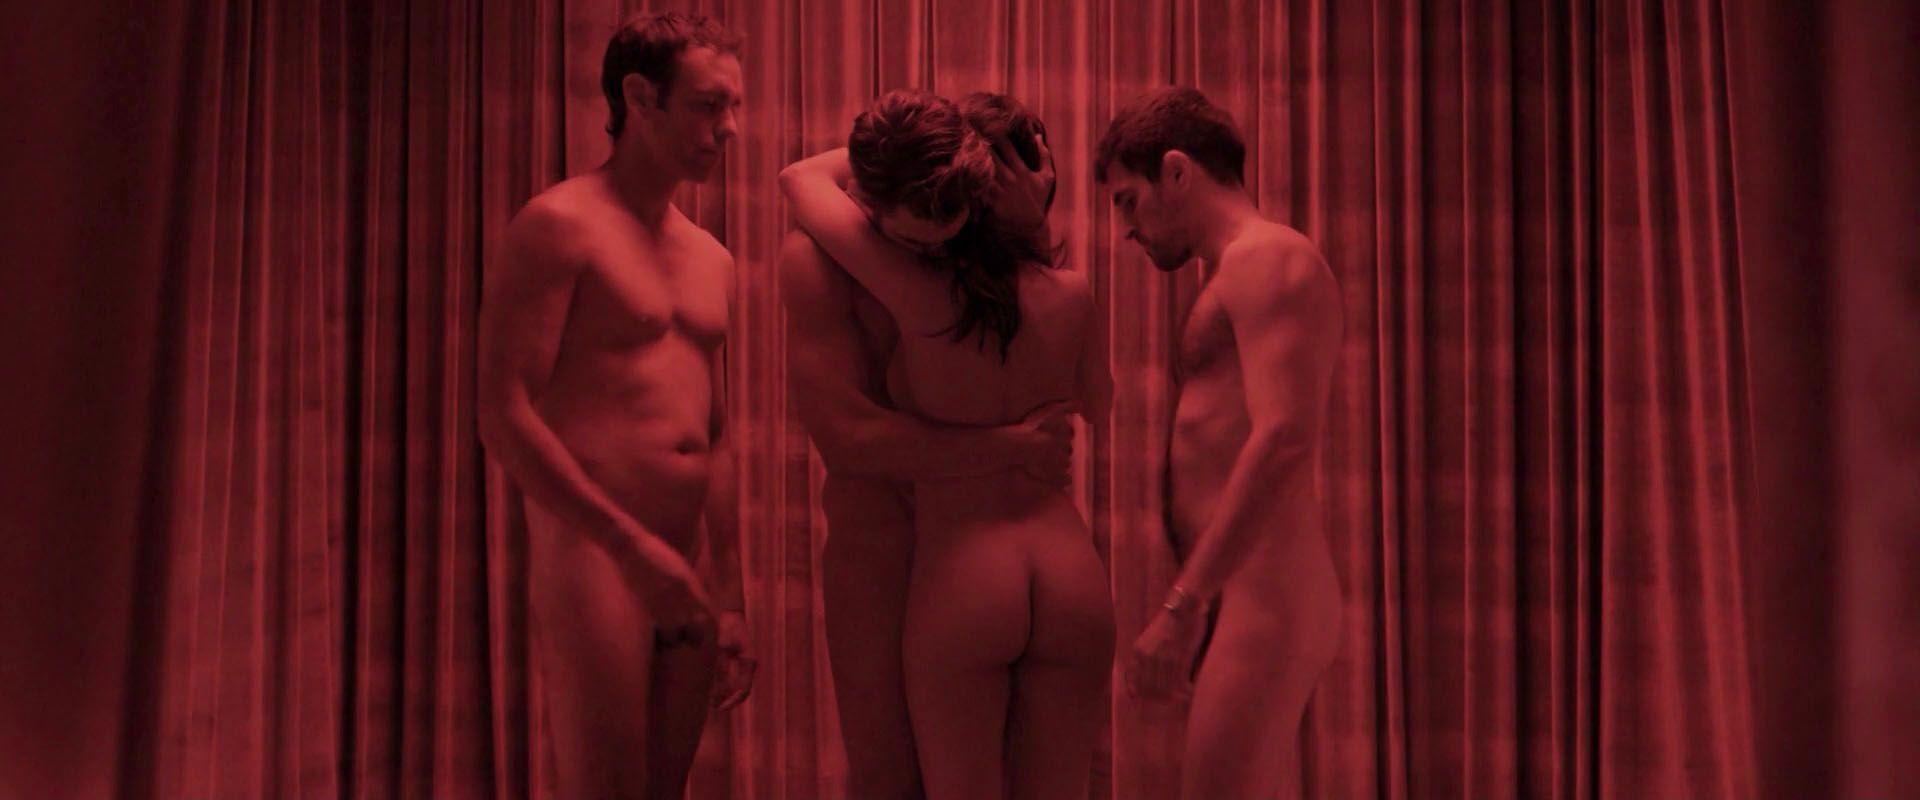 Penelope-Cruz-Nude-10